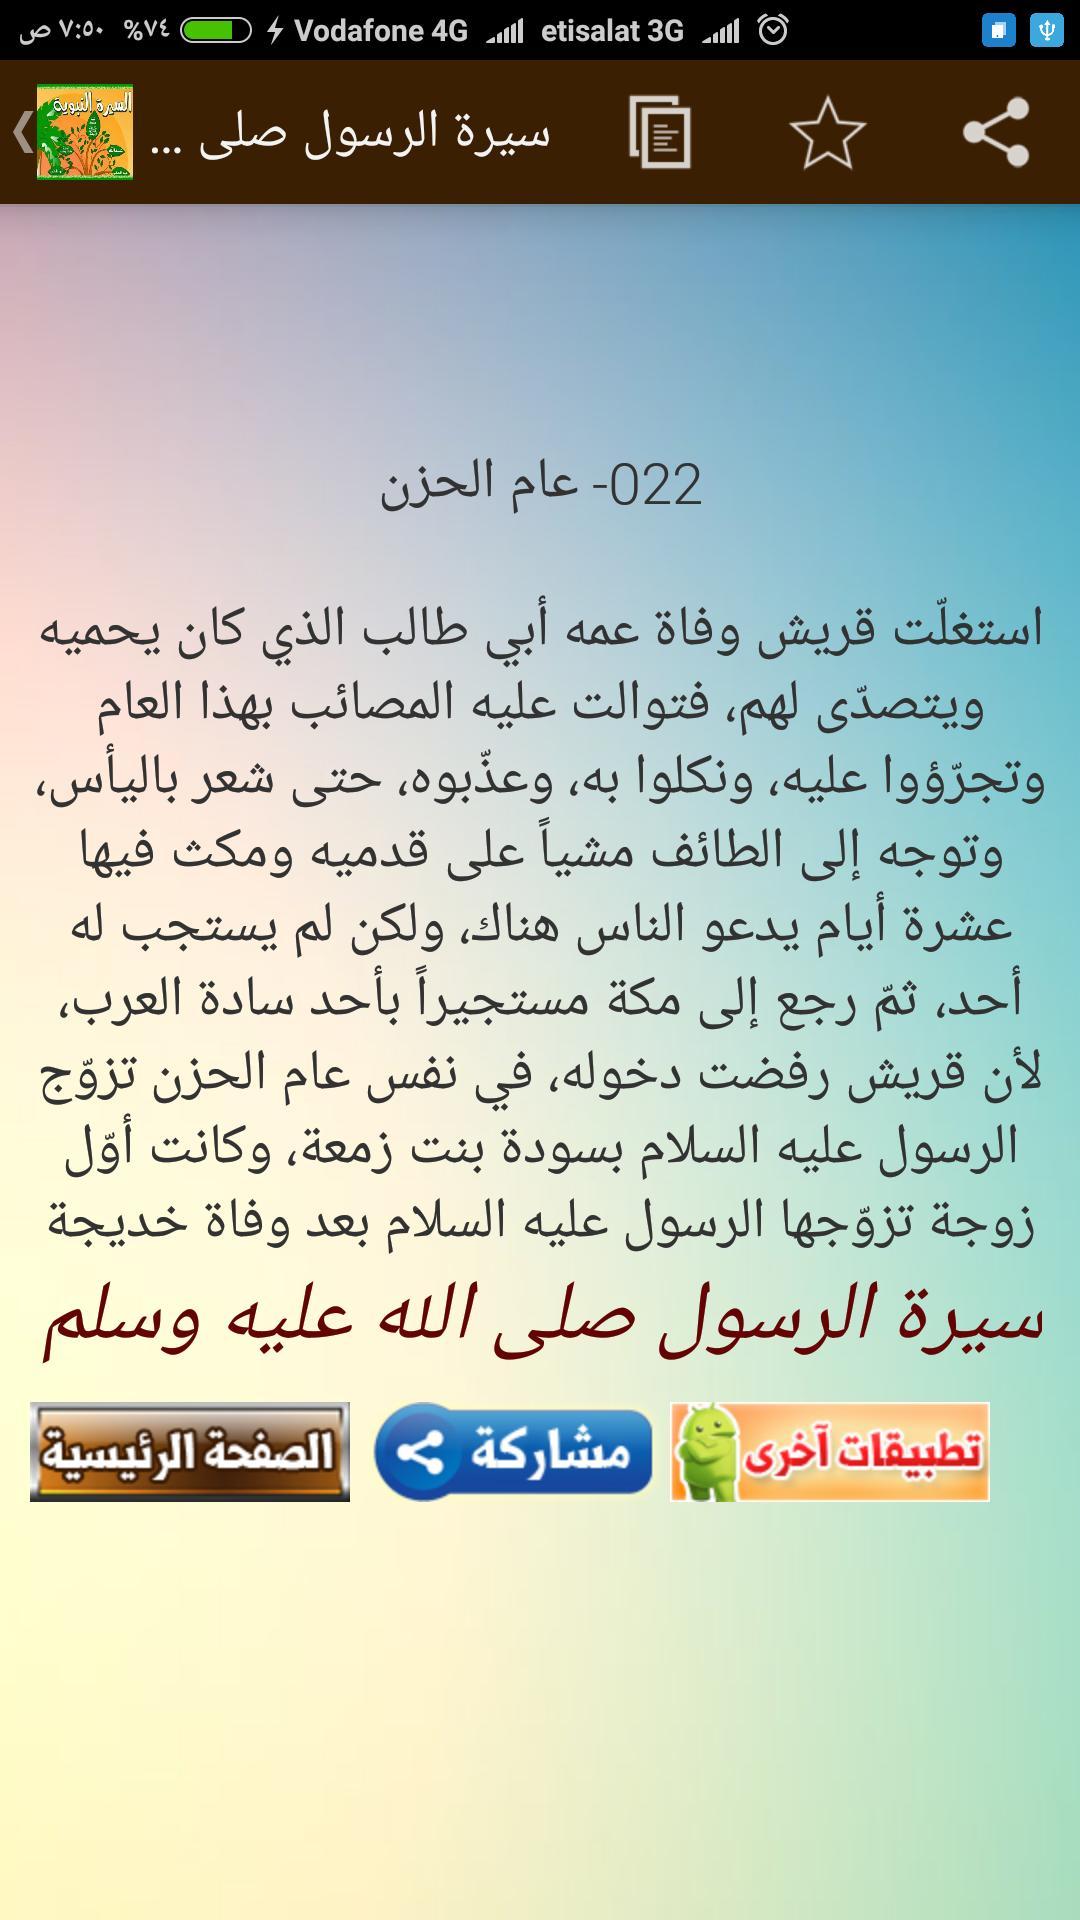 سيرة الرسول صلى الله عليه وسلم For Android Apk Download